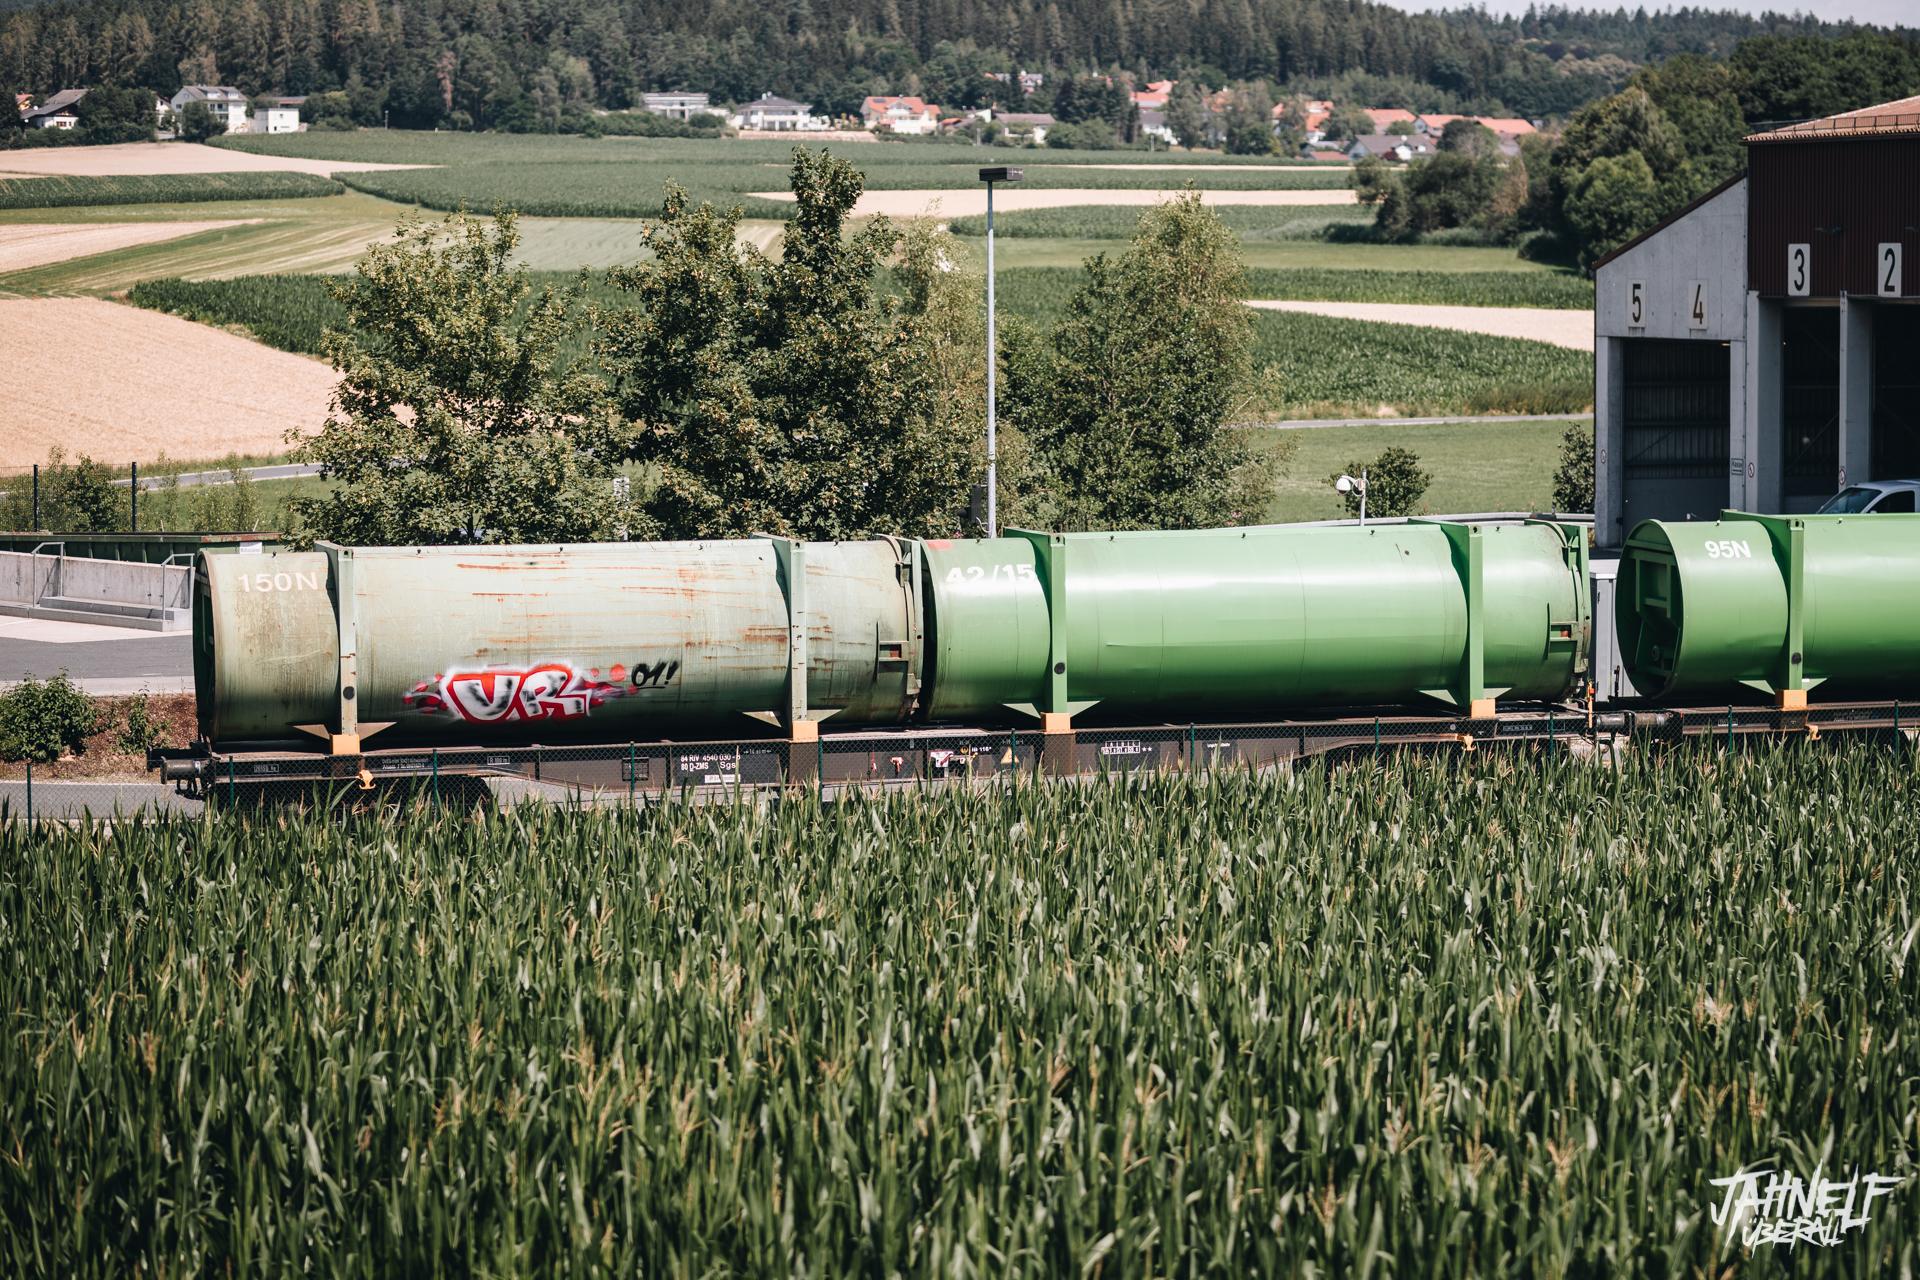 UR01 Graffiti auf einem Zug